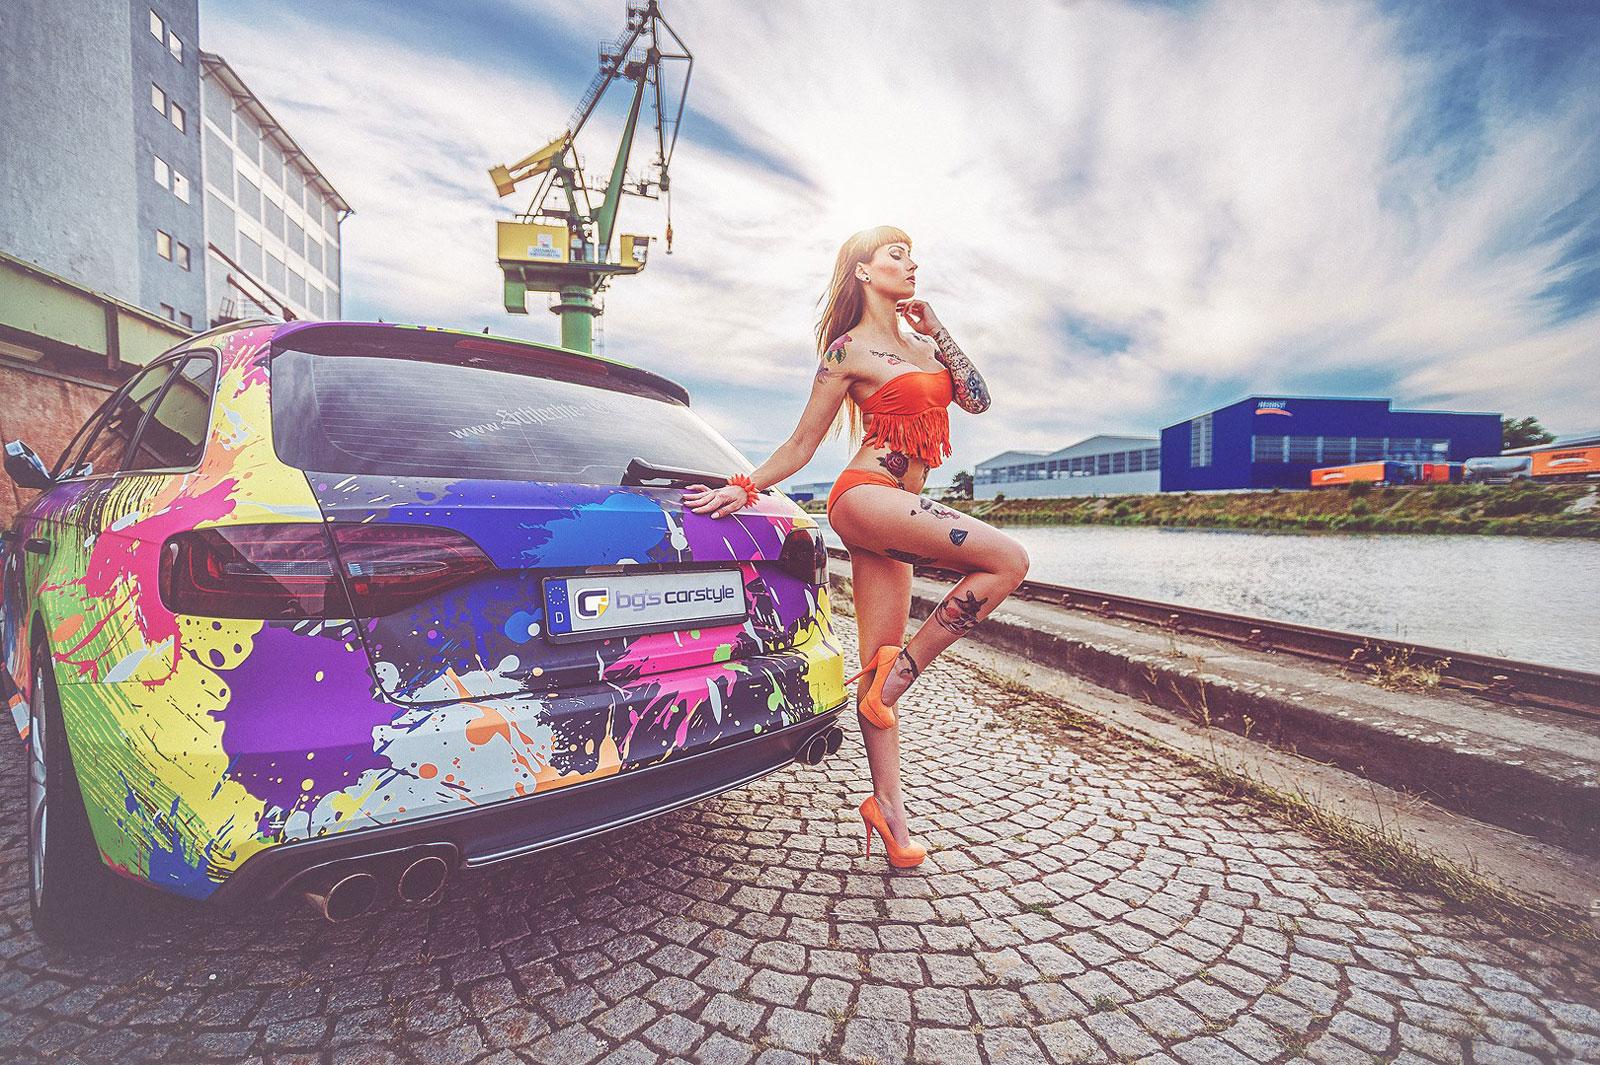 BG's CarStyle Slider 5